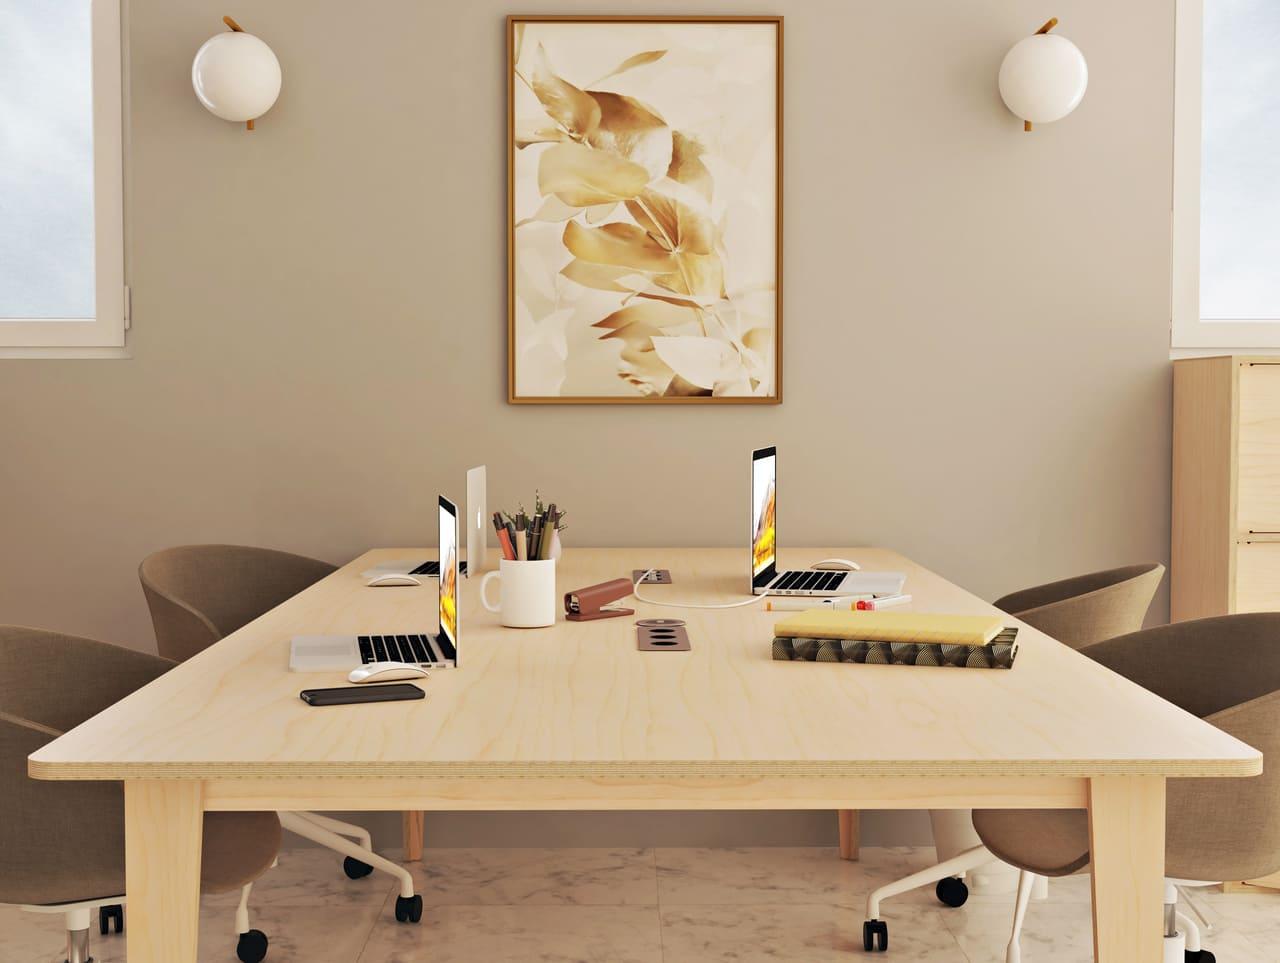 Bureau simple en bois au sein d'un espace de bureau partagé dans une ambiance de style contemporain avec prises électriques intégrées